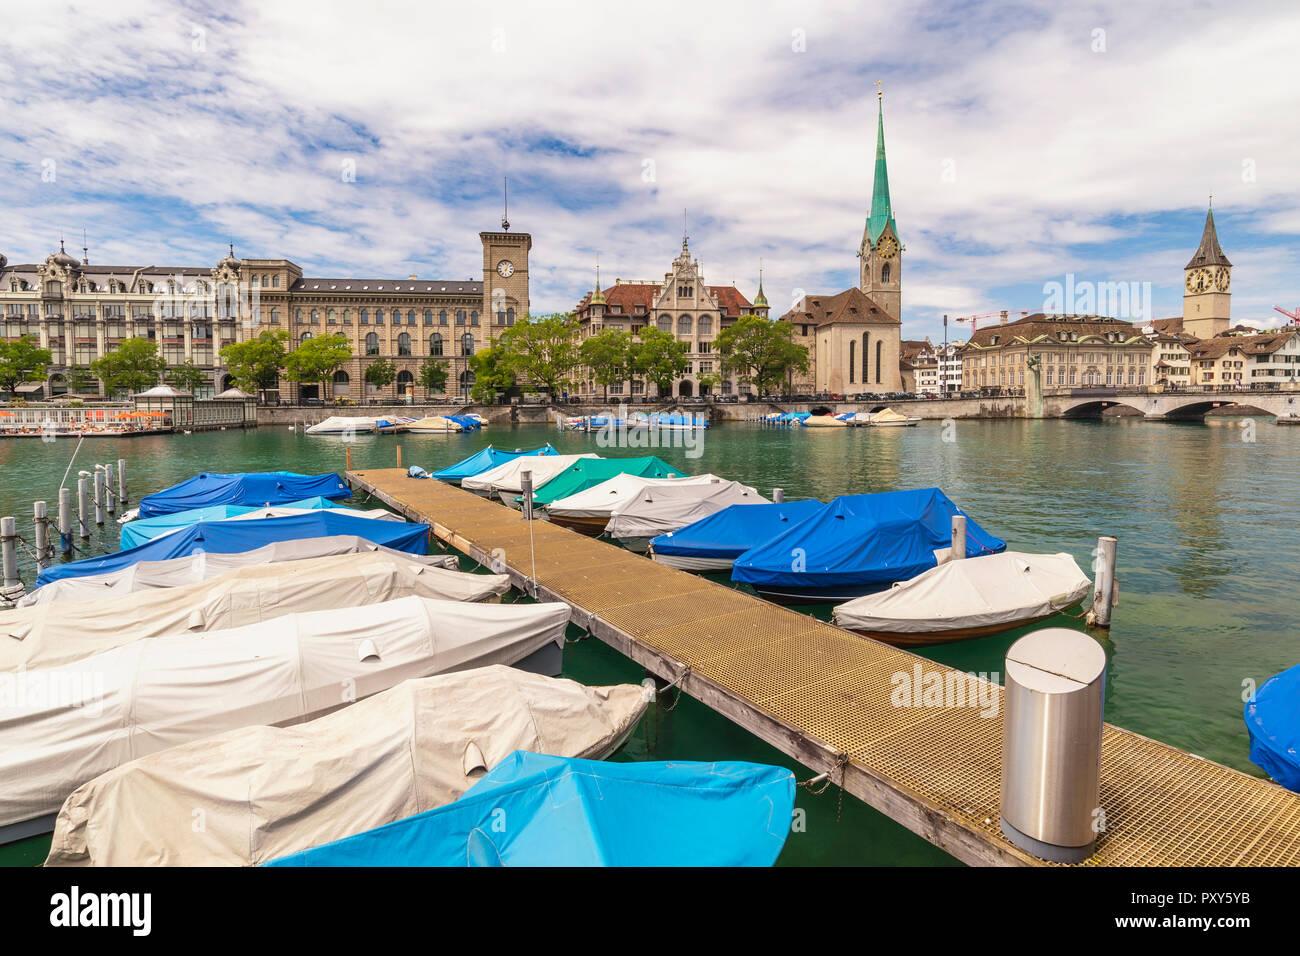 Zurich Switzerland, city skyline at Fraumunster Church and Munster Bridge - Stock Image